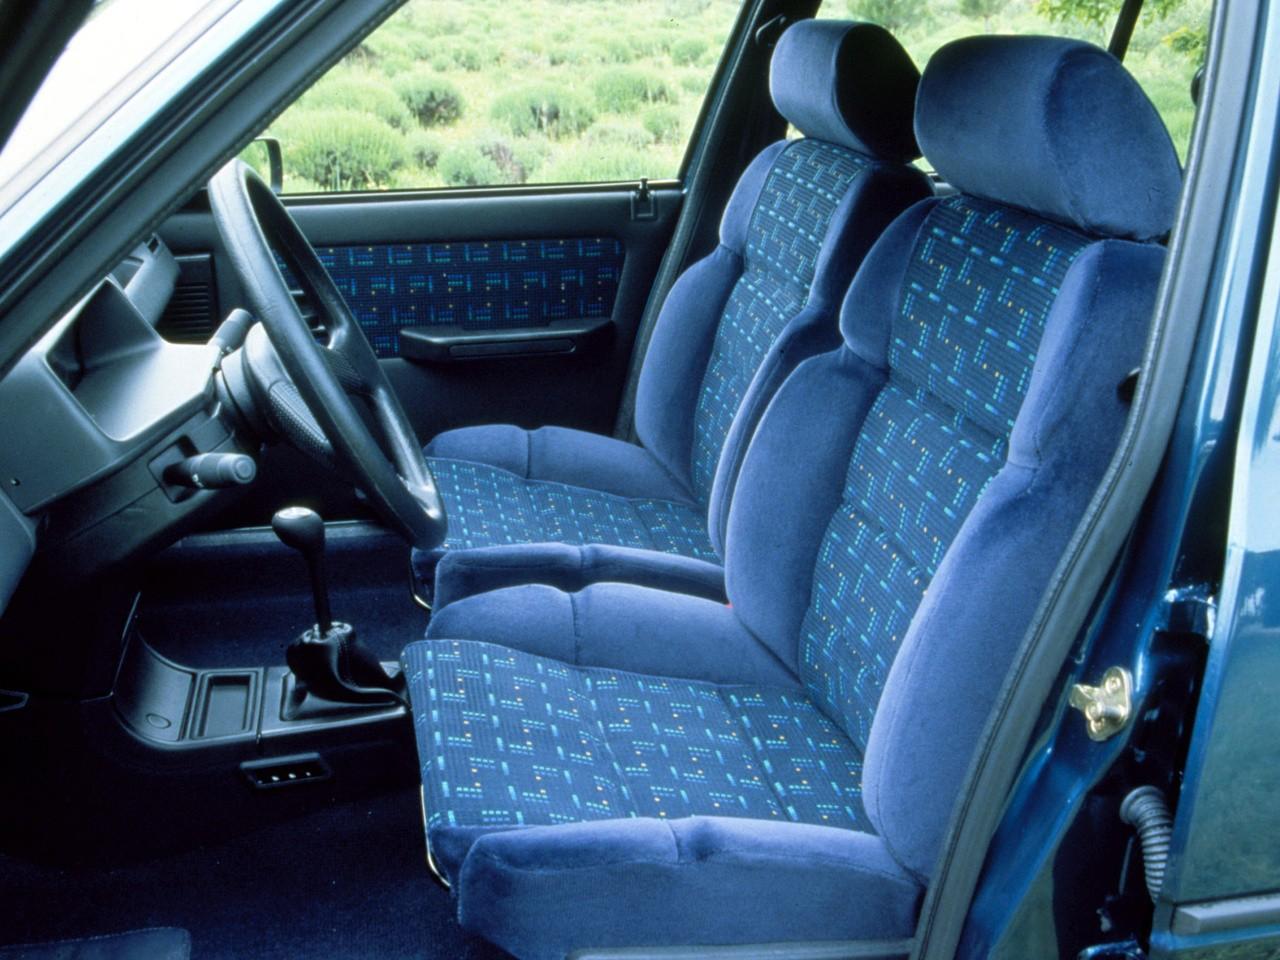 Peugeot 205 5 doors specs 1983 1984 1985 1986 1987 for Interieur 205 gti